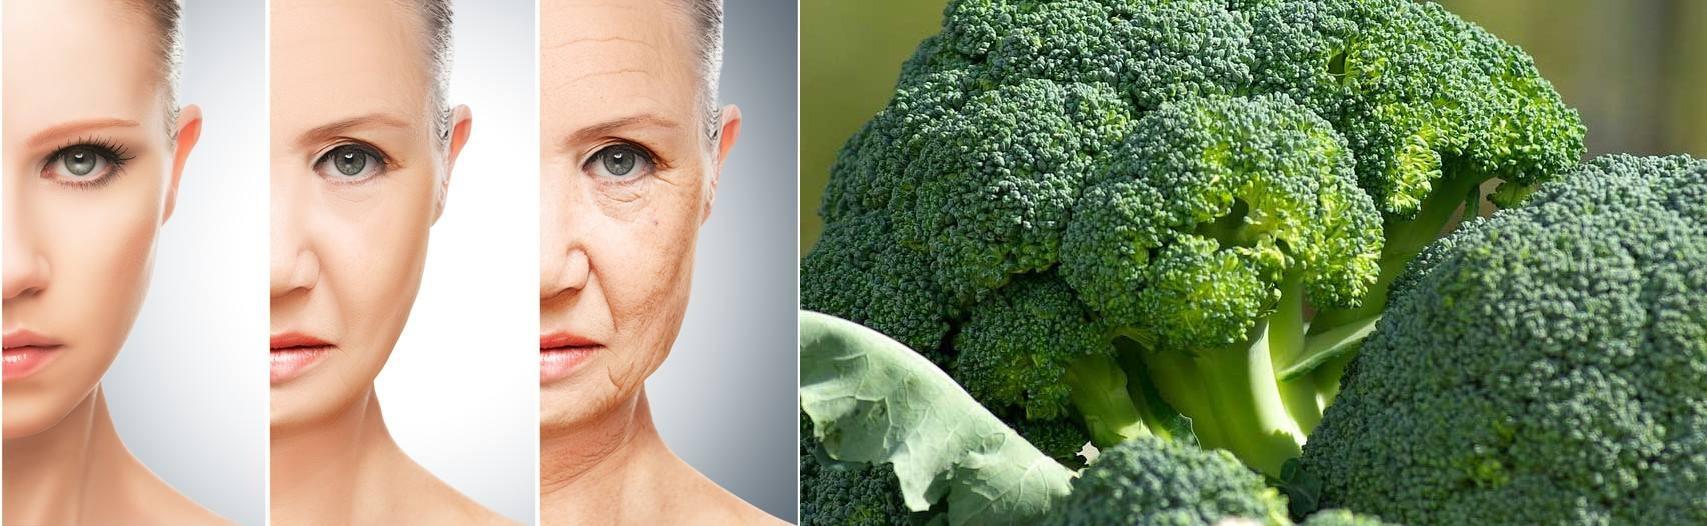 البروكلي يساعد على إبطاء عملية الشيخوخة